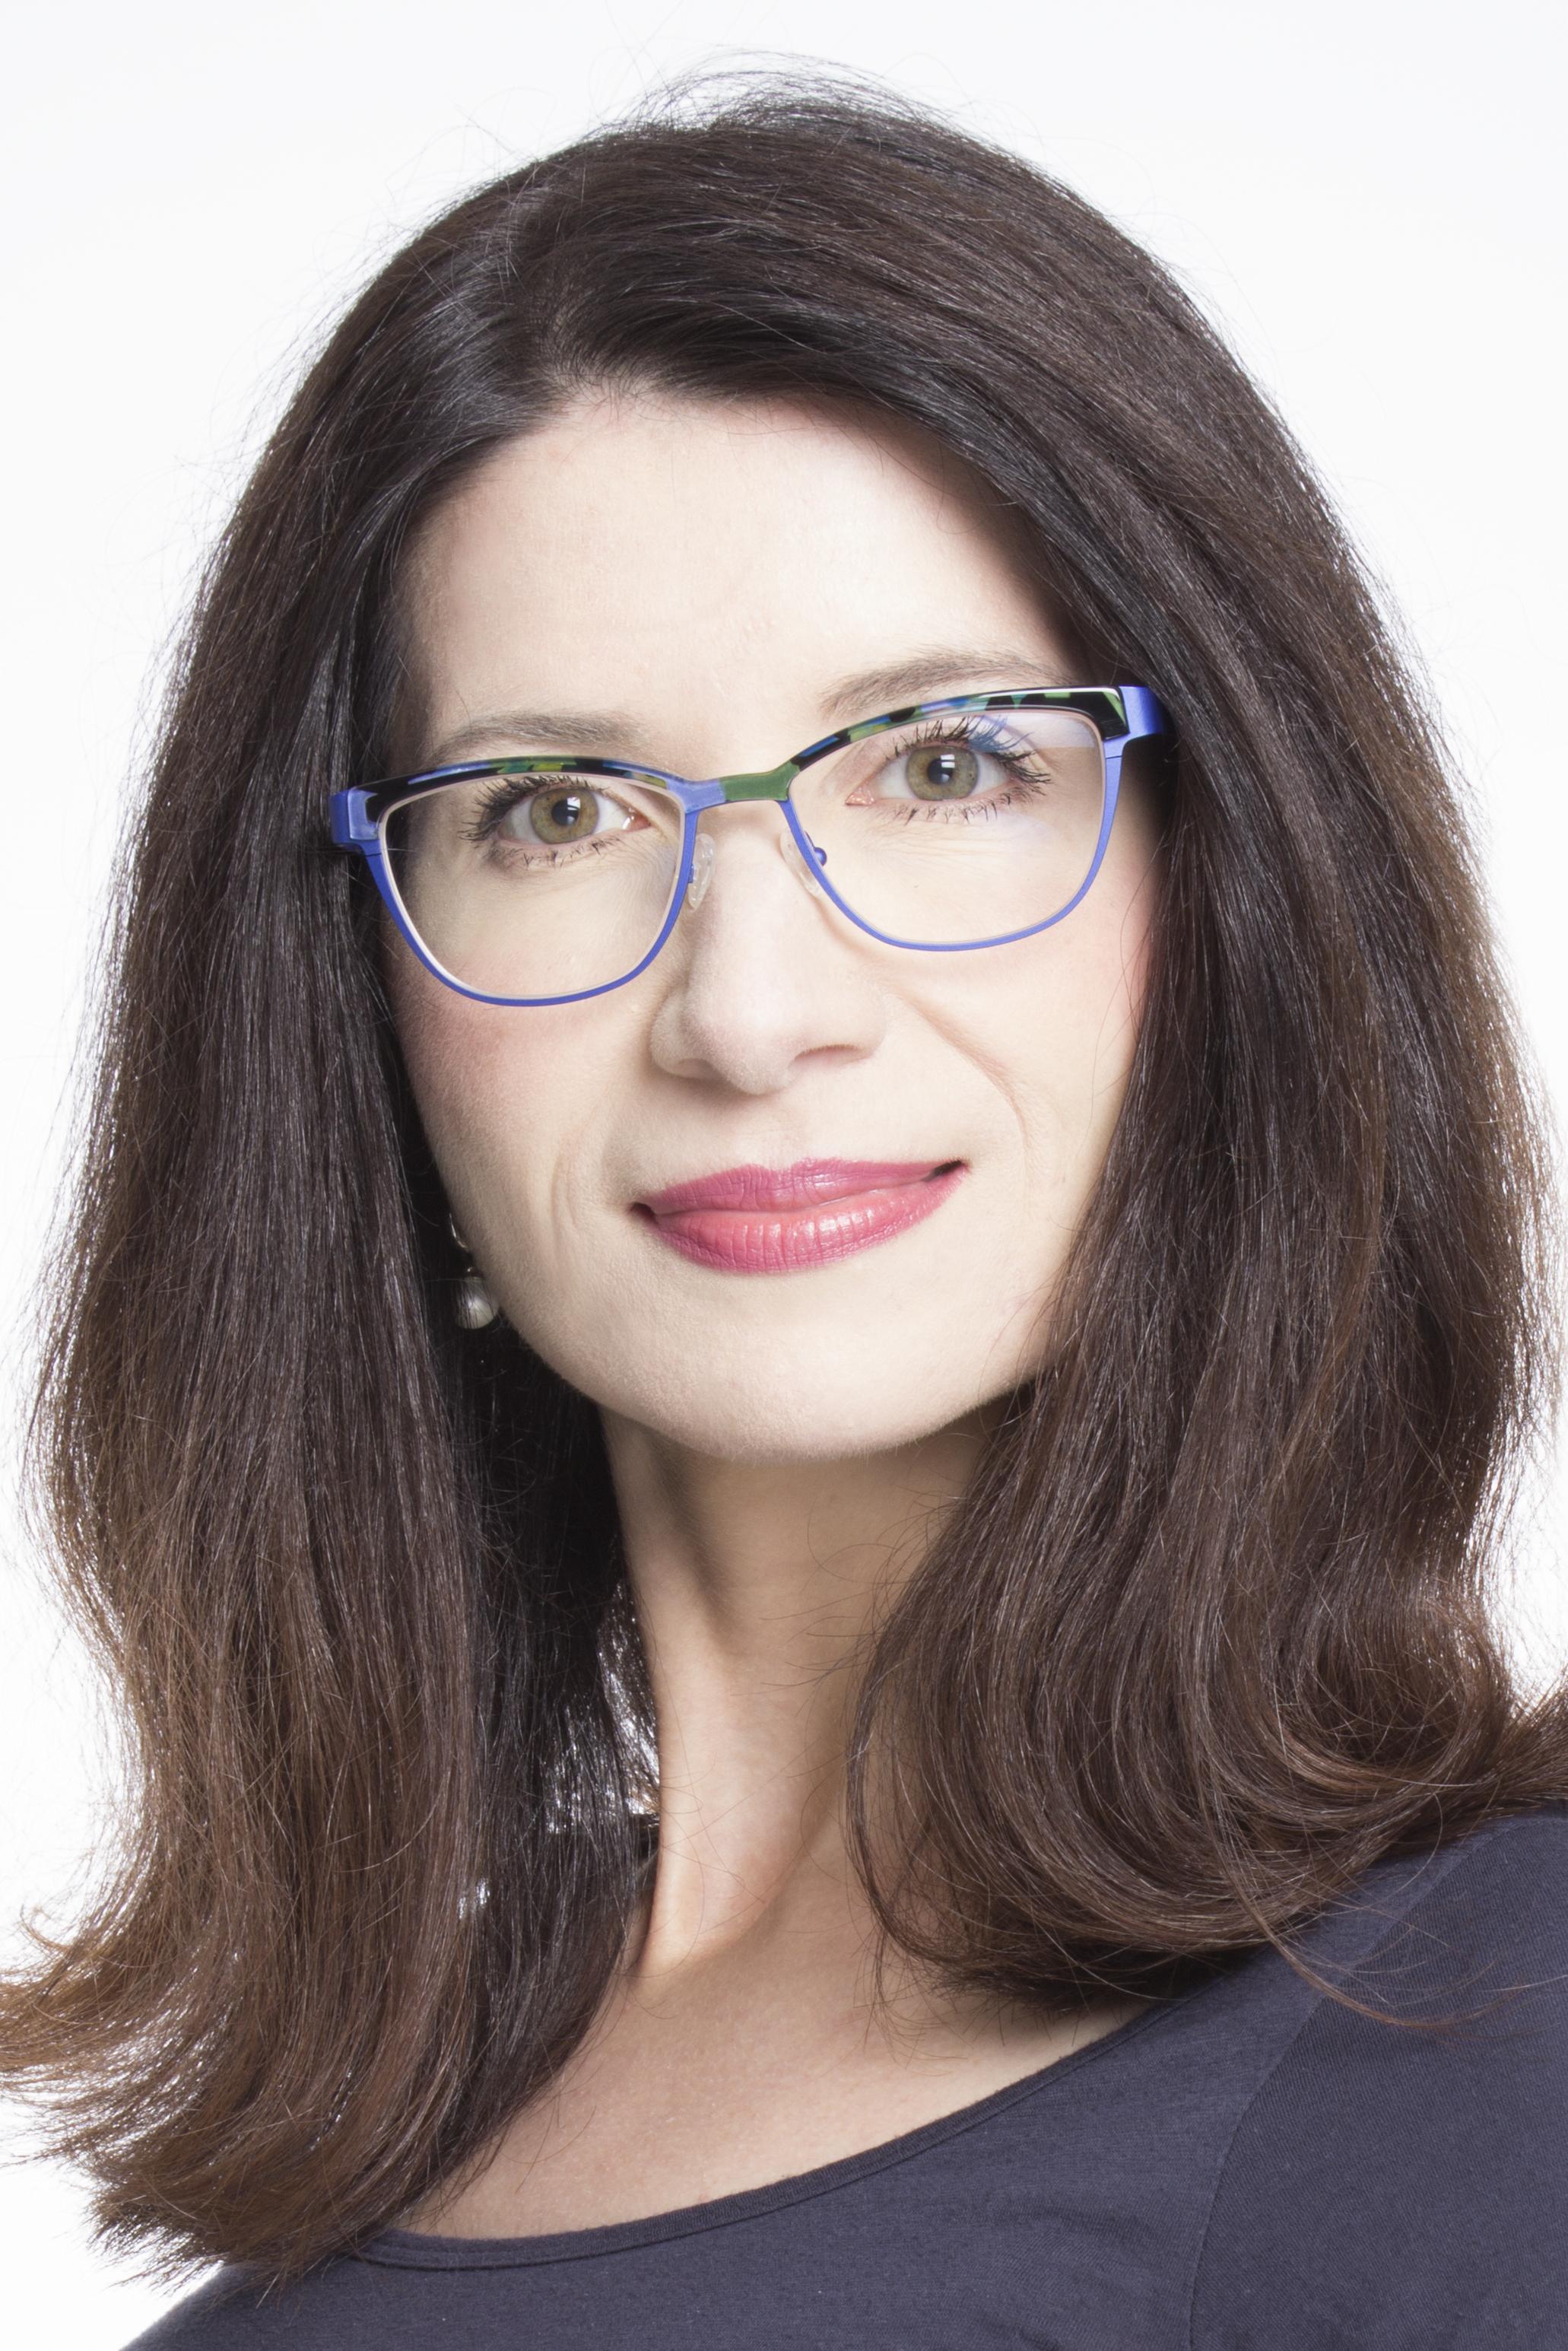 Jacqueline P. Leighton